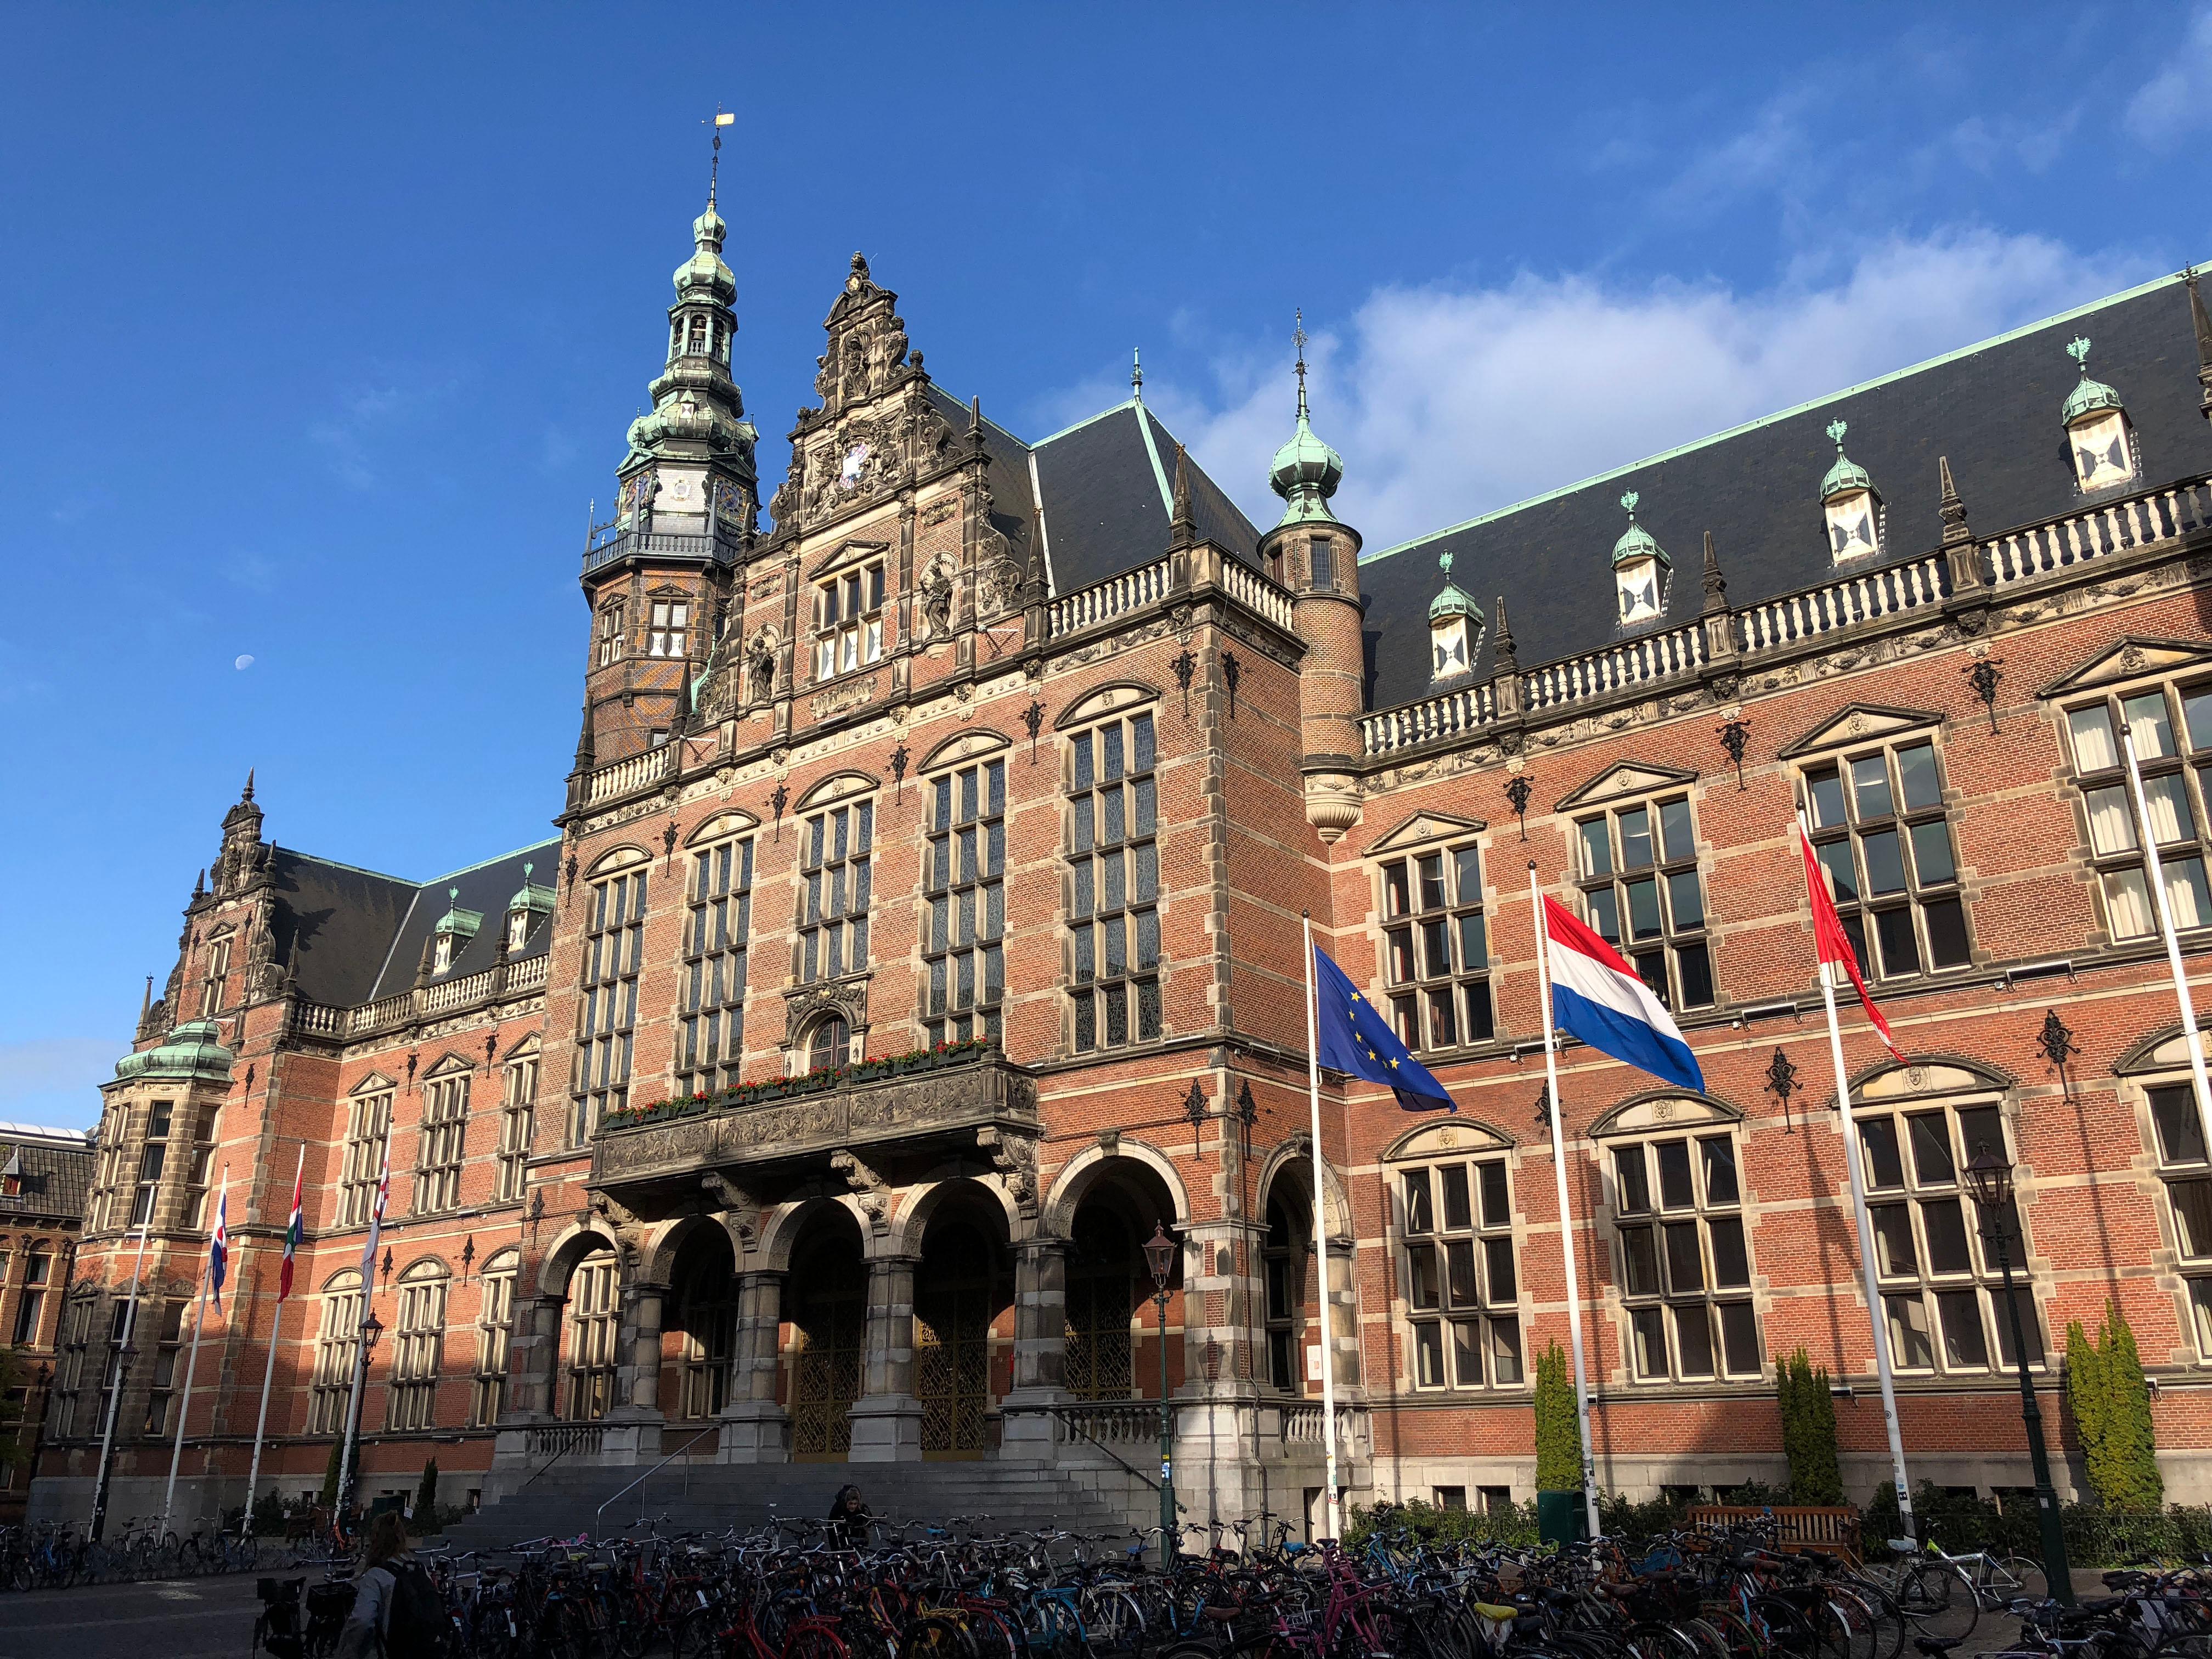 Университет Гронингена в Нидерландах, где есть возможность обучаться для иностранцев